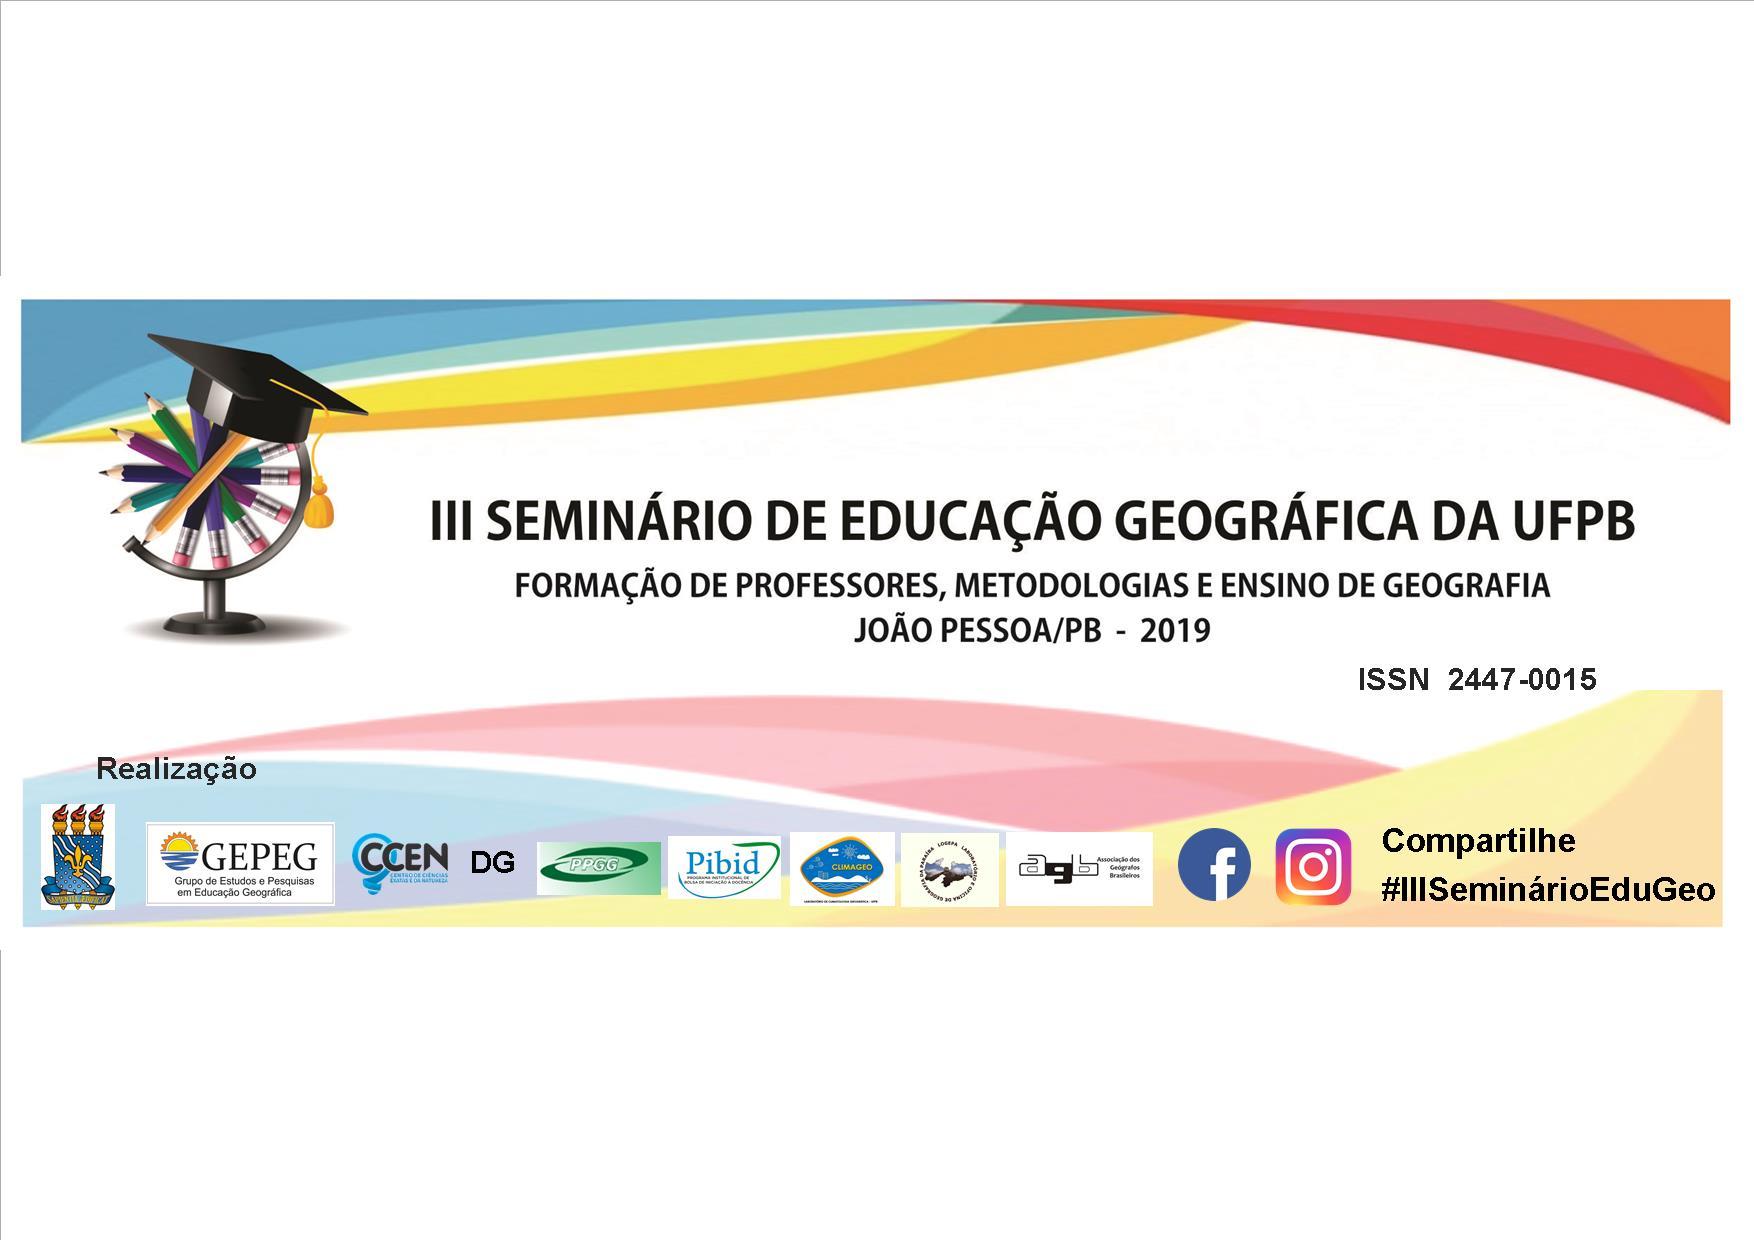 III Seminário de Educação Geográfica da UFPB